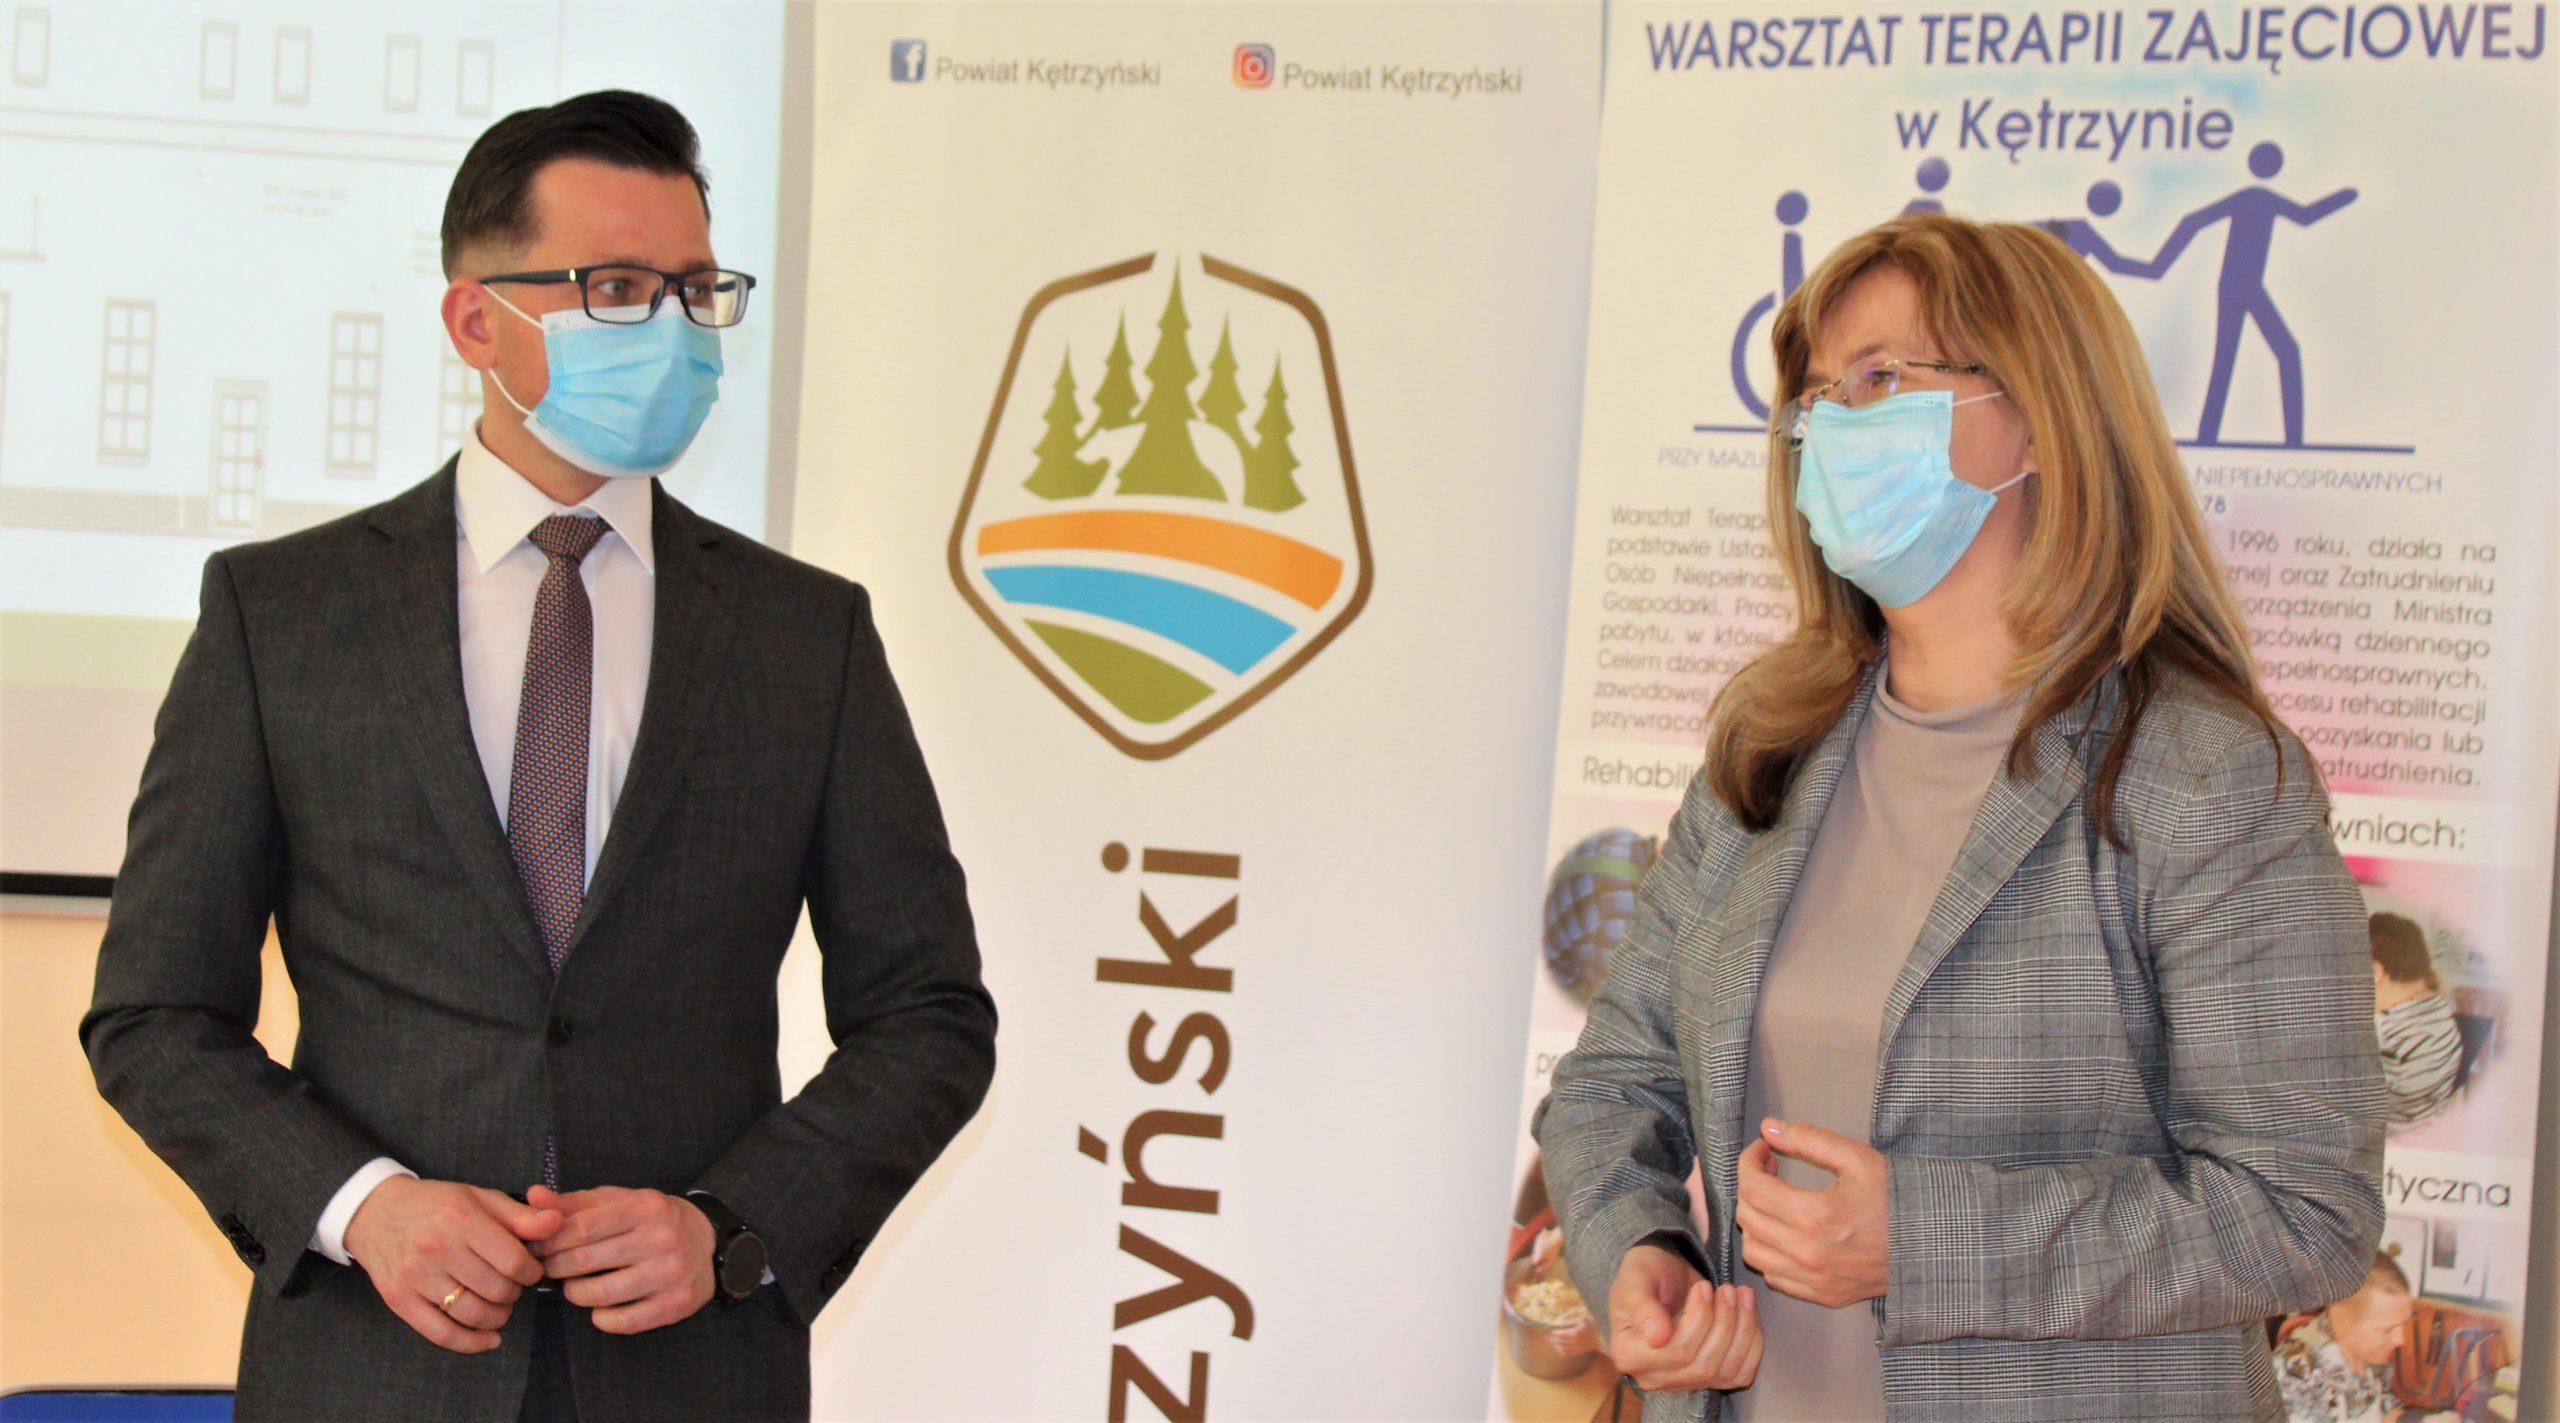 Zdjęcie przedstawia starostę kętrzyńskiego Michała Kochanowskiego oraz Dorotę Siwicką Dyrektor Powiatowego Centrum Pomocy Rodzinie w Kętrzynie